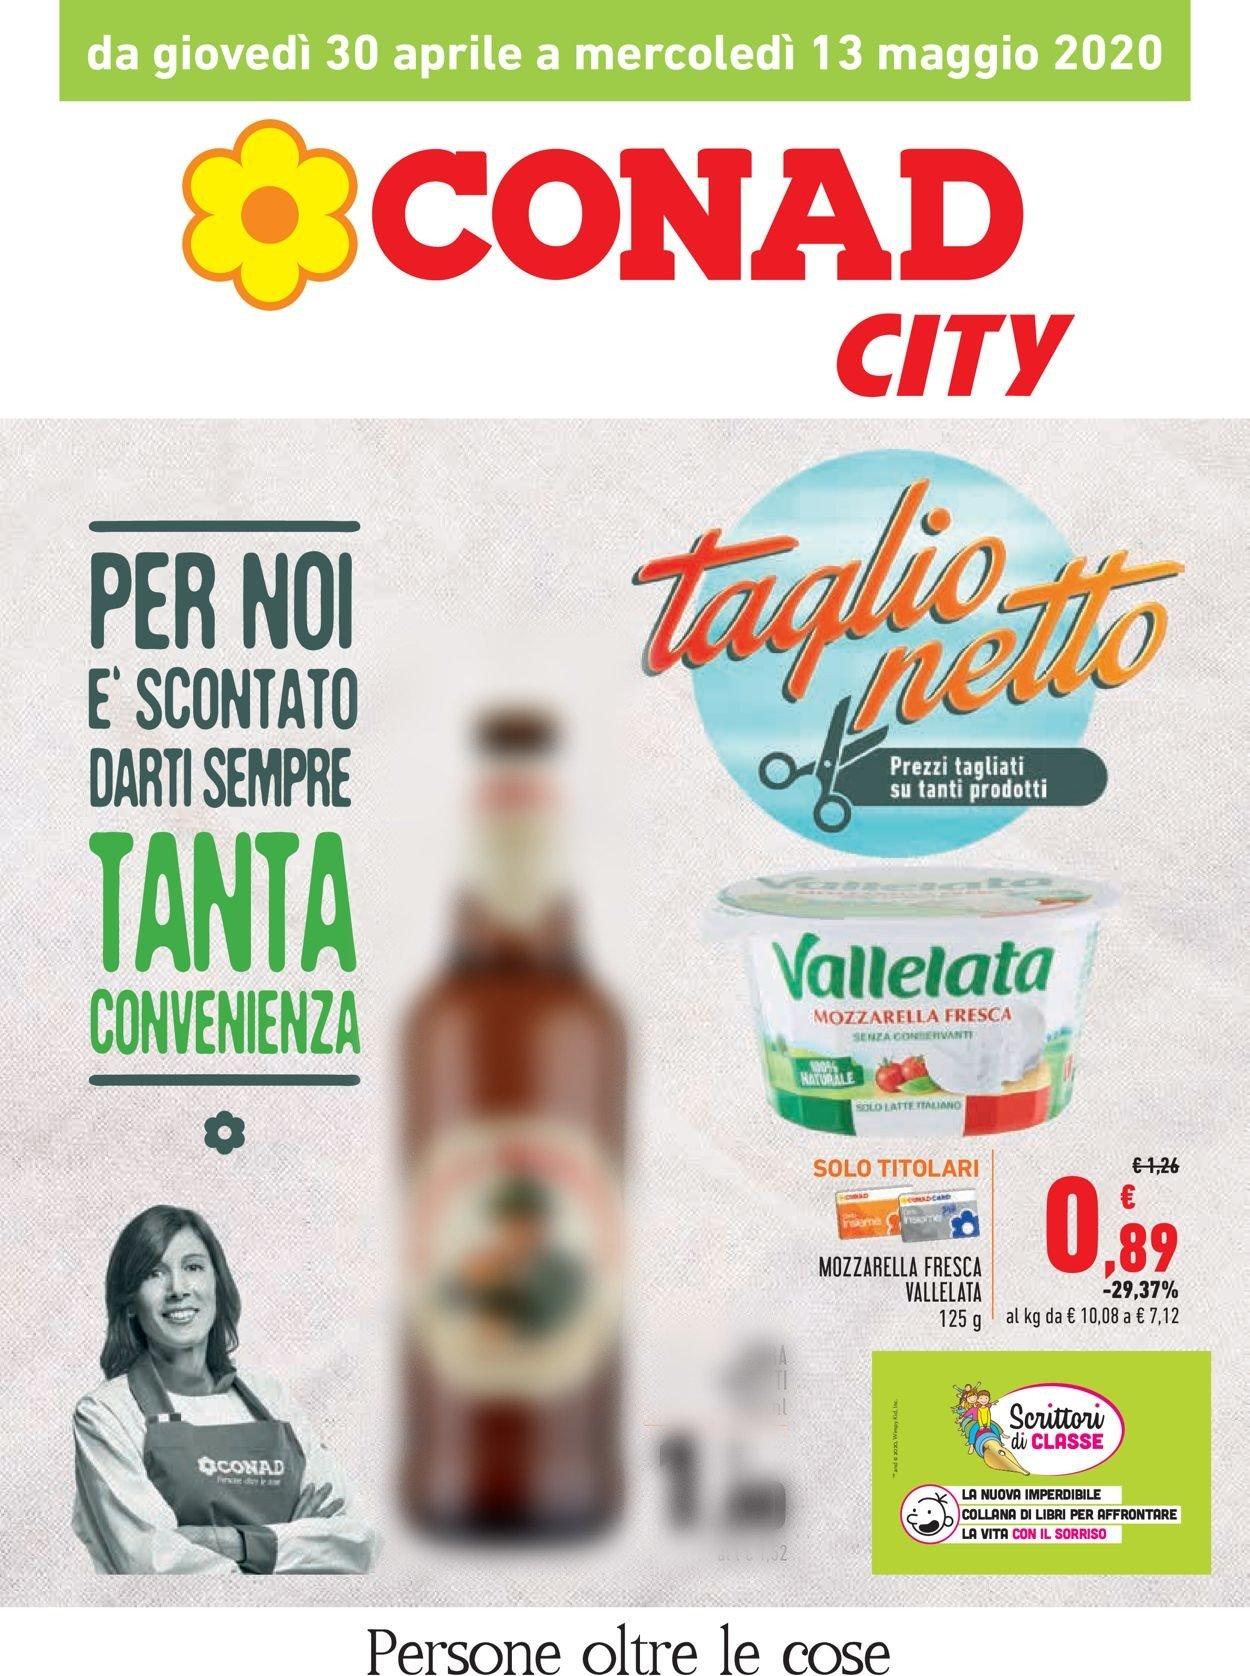 Volantino Conad - Offerte 30/04-13/05/2020